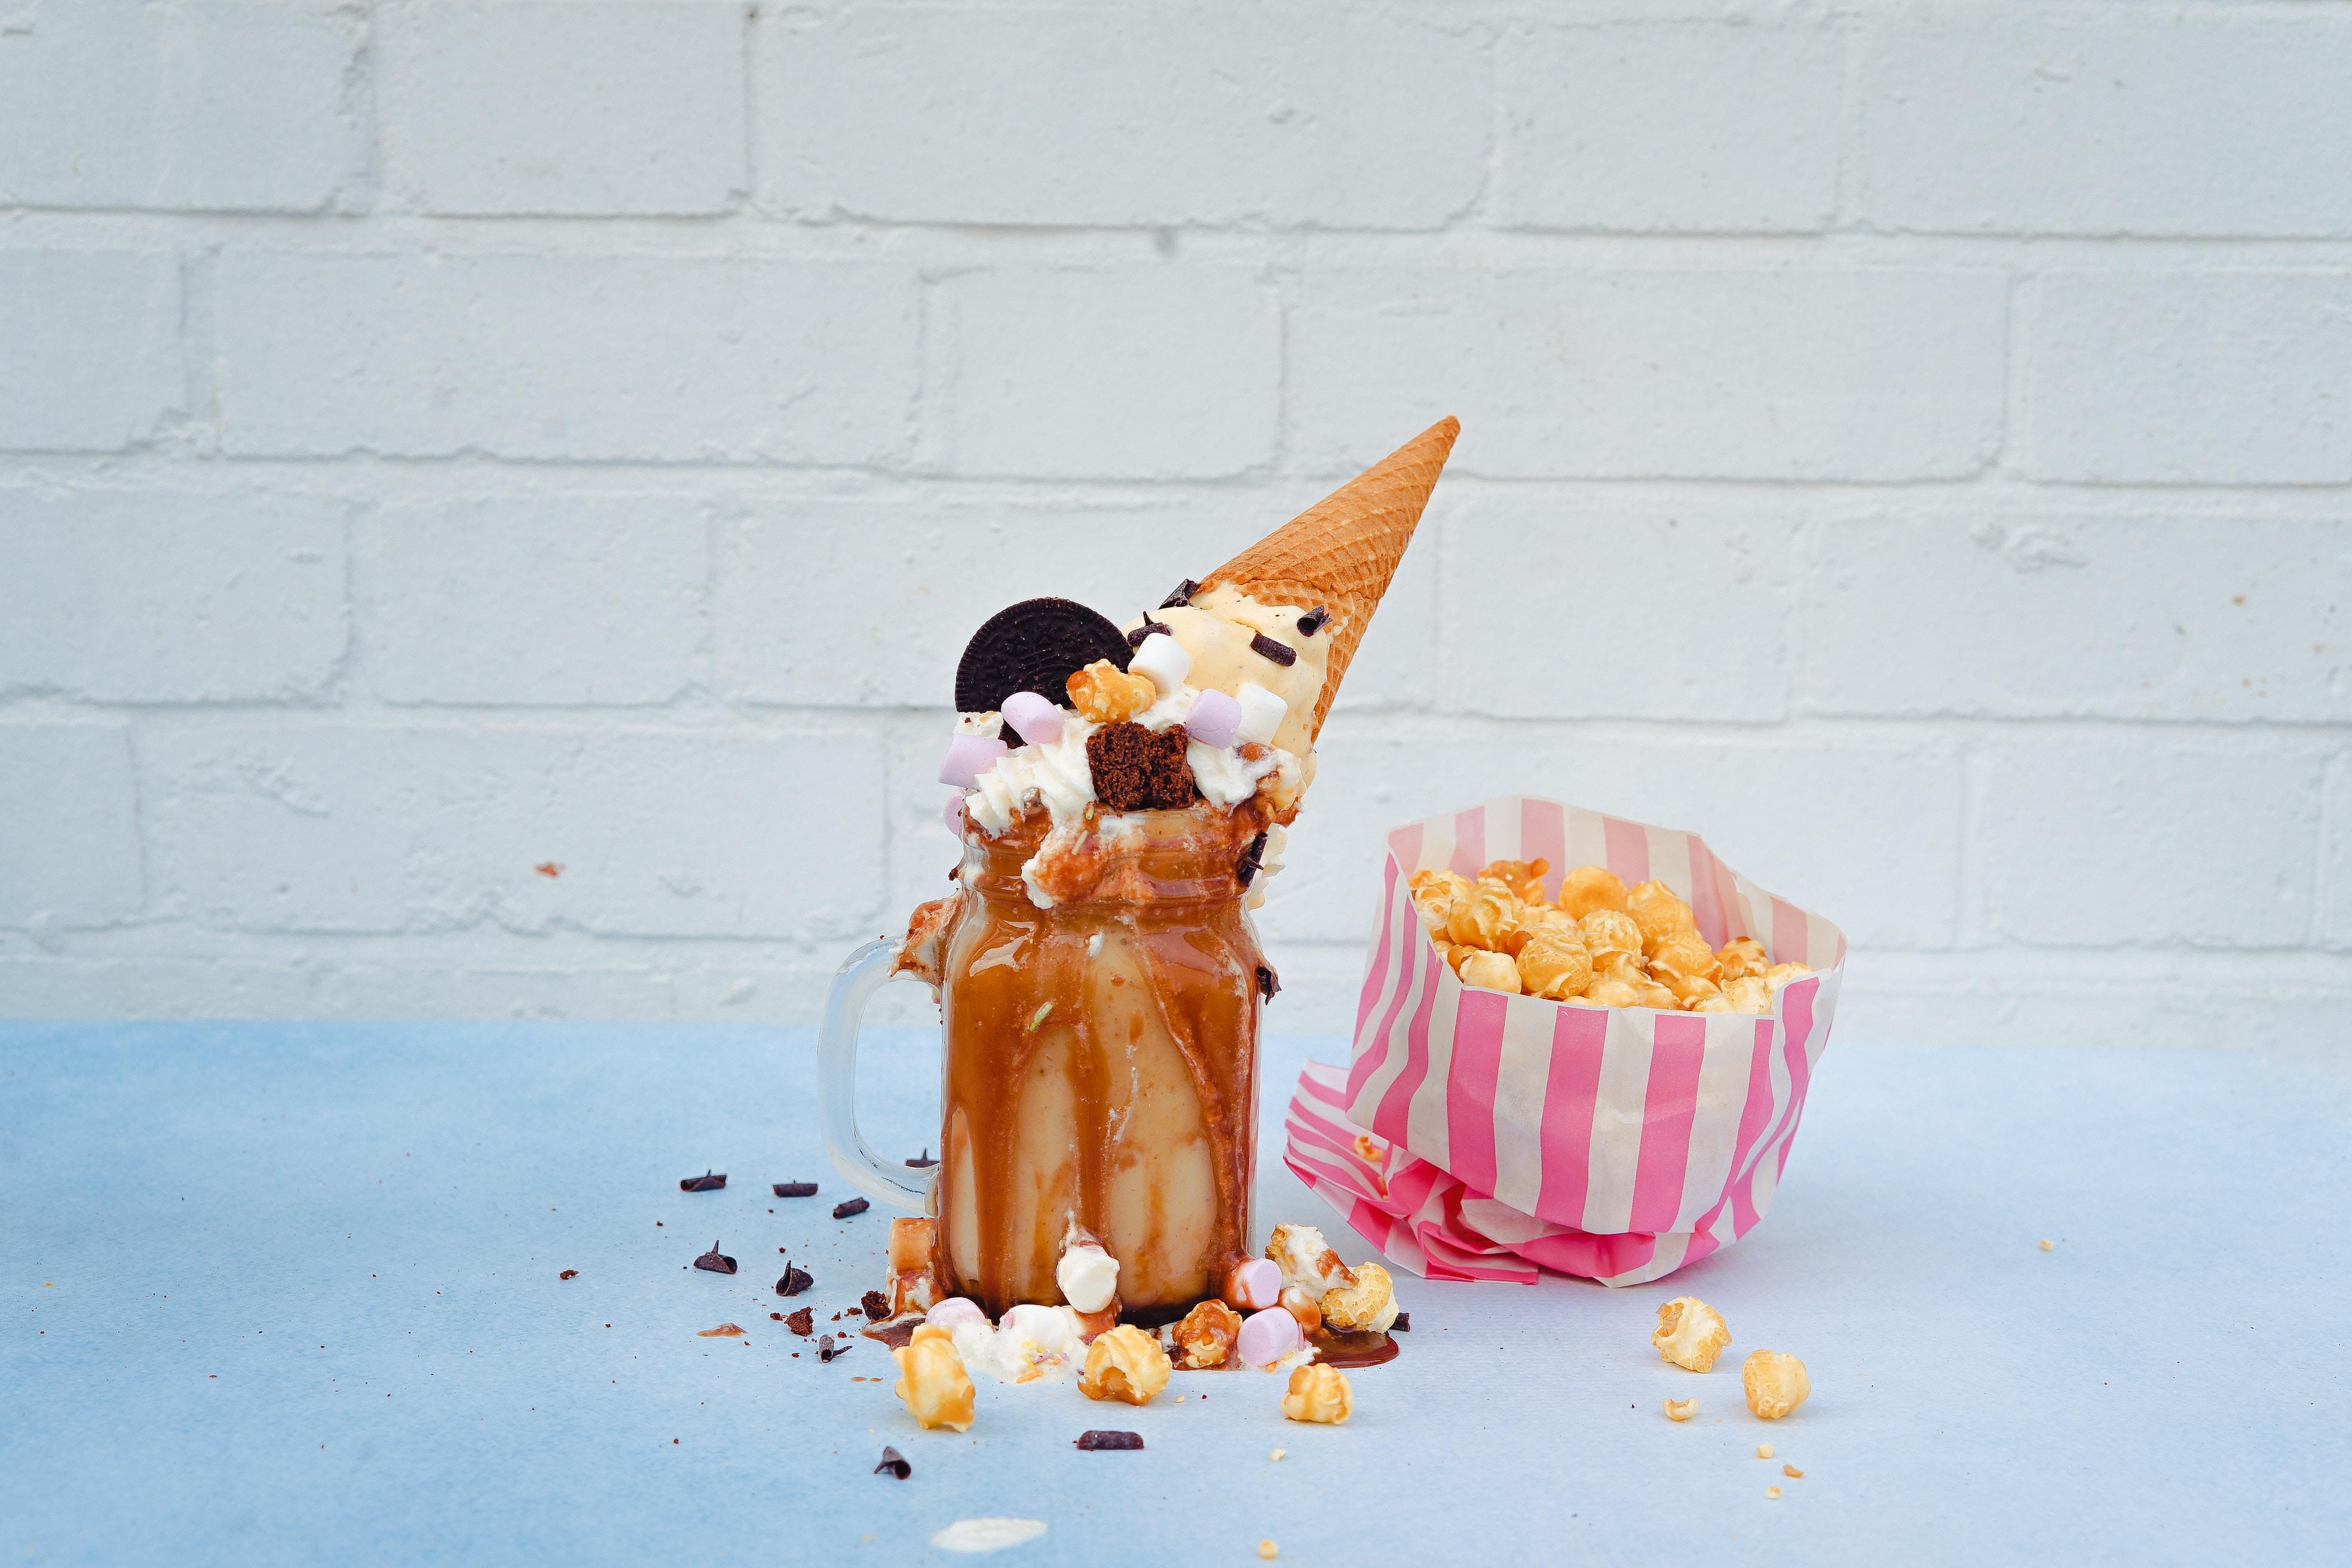 Recept Salted Caramelshake. We hebben speciaal voor jou een super lekkere versie van deze gezonde shake gevonden met dadels. Vind hier het recept